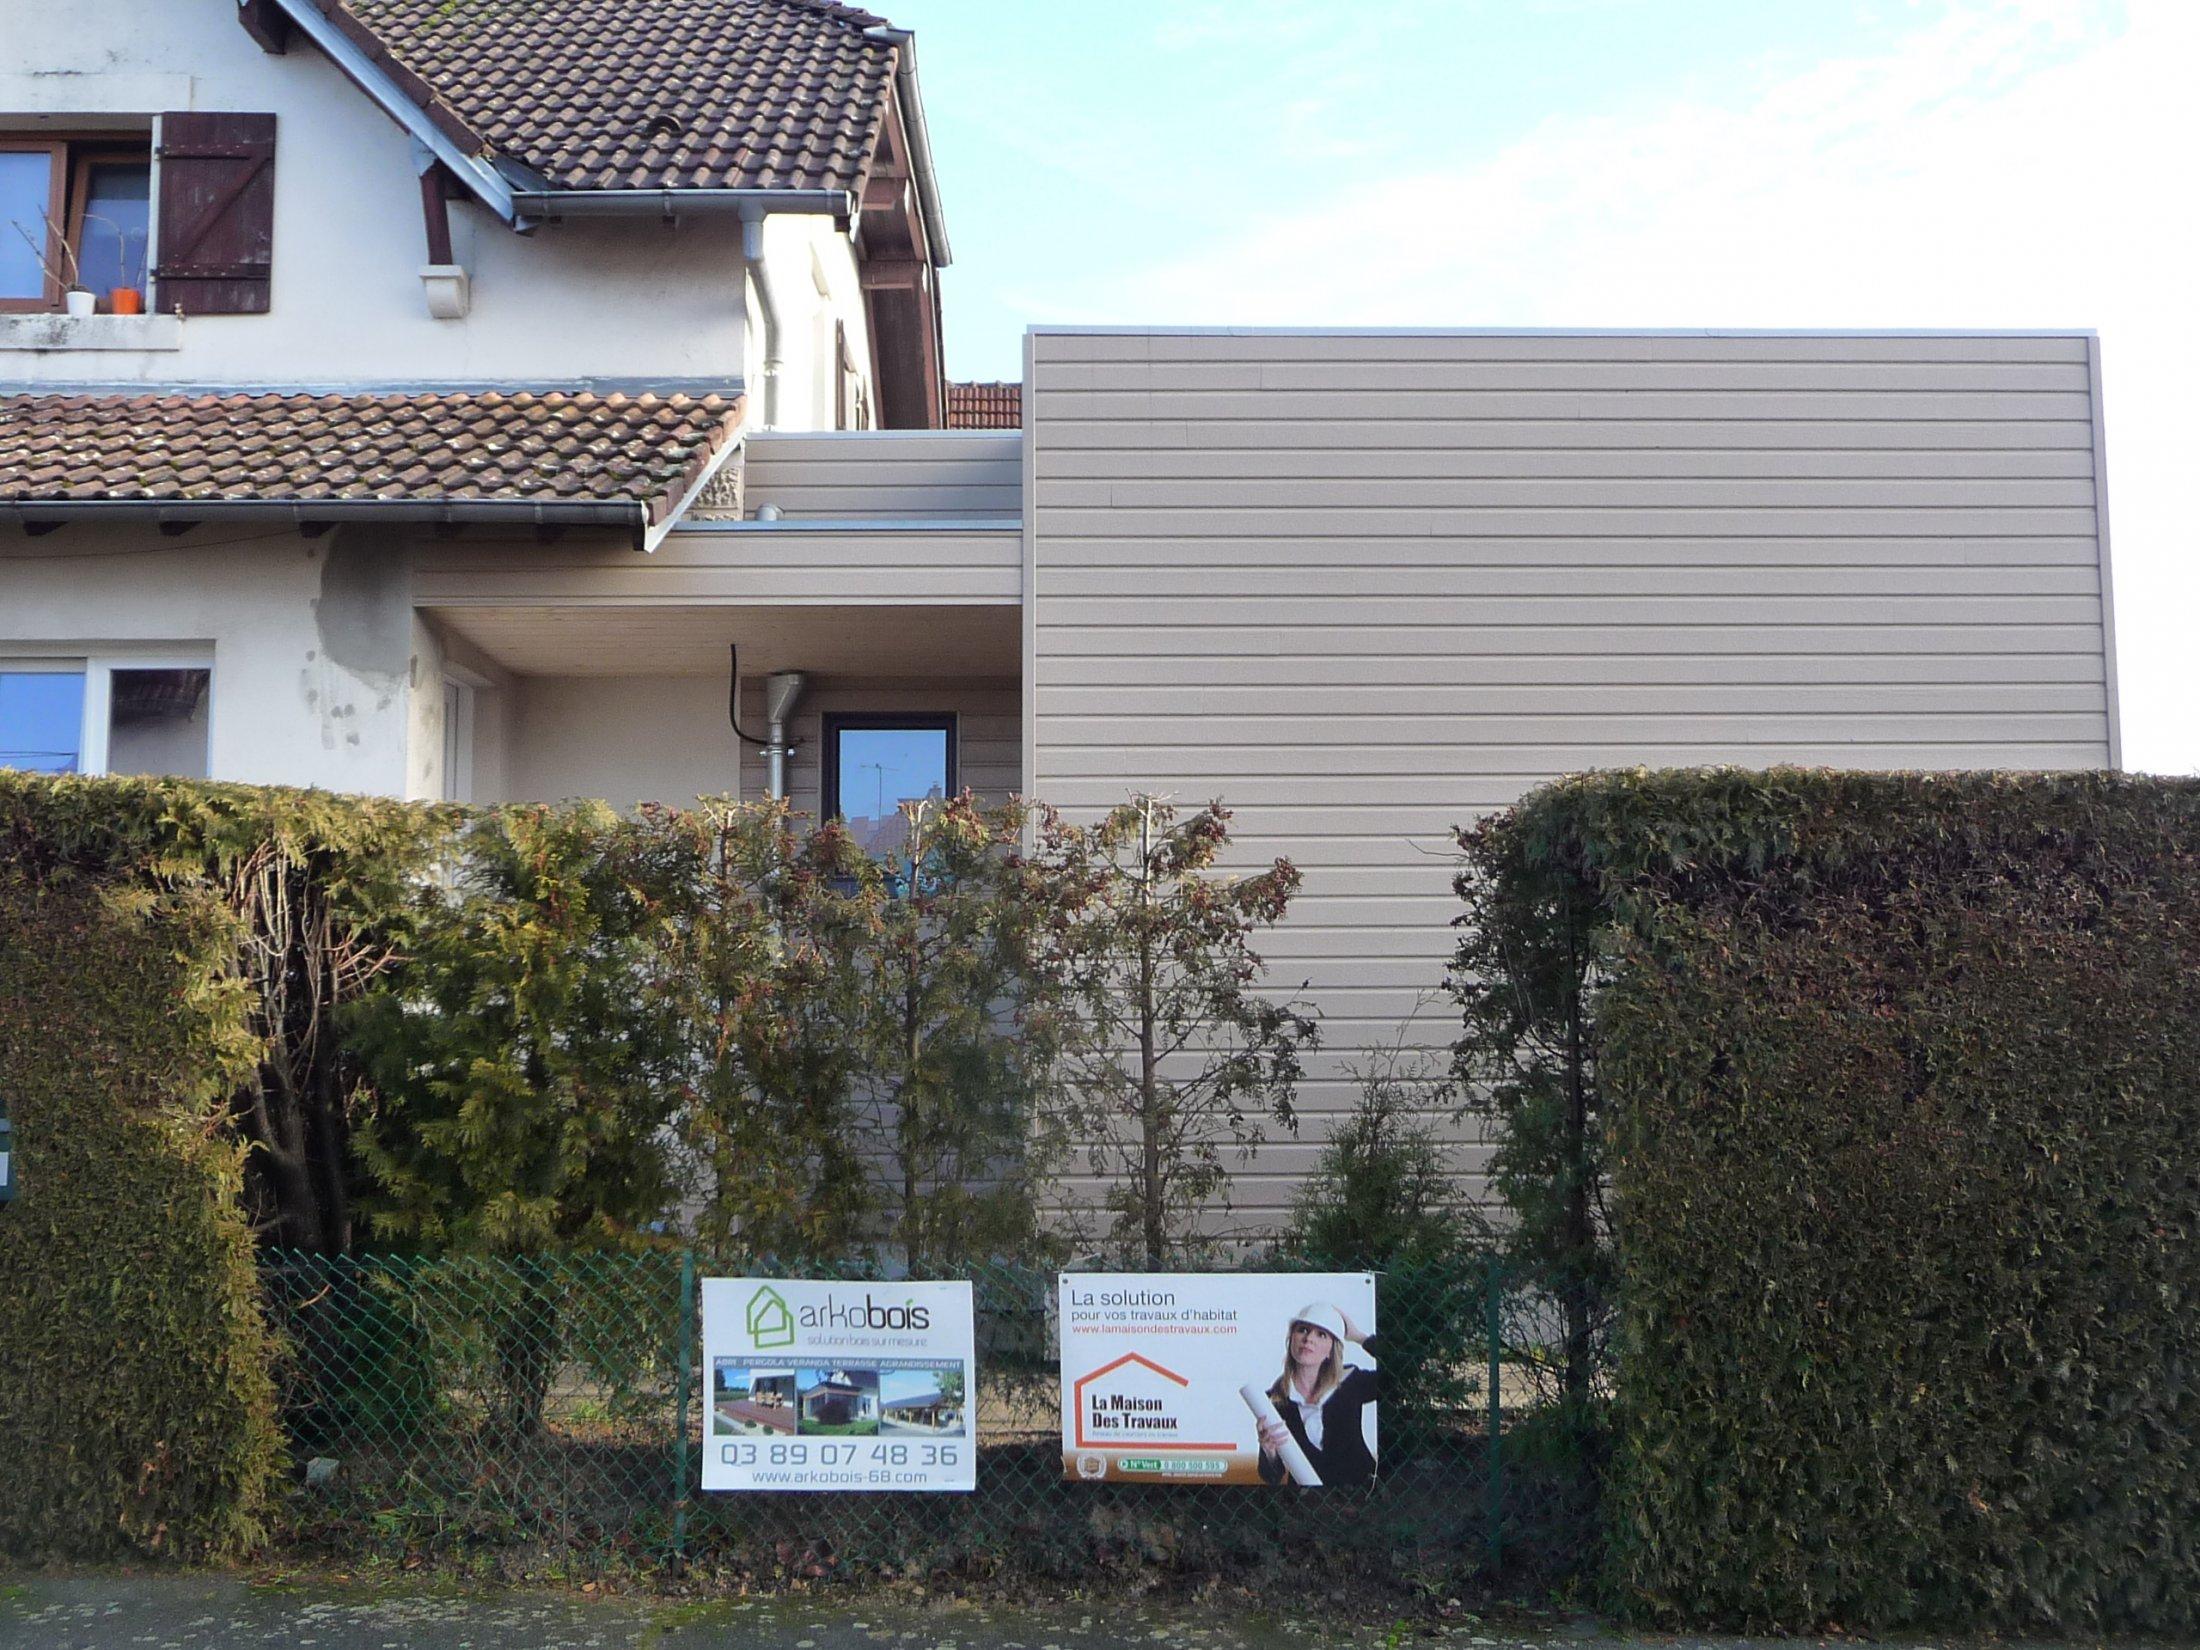 Arkobois notre sp cialit l 39 agrandissement de votre maison for Facade entree maison